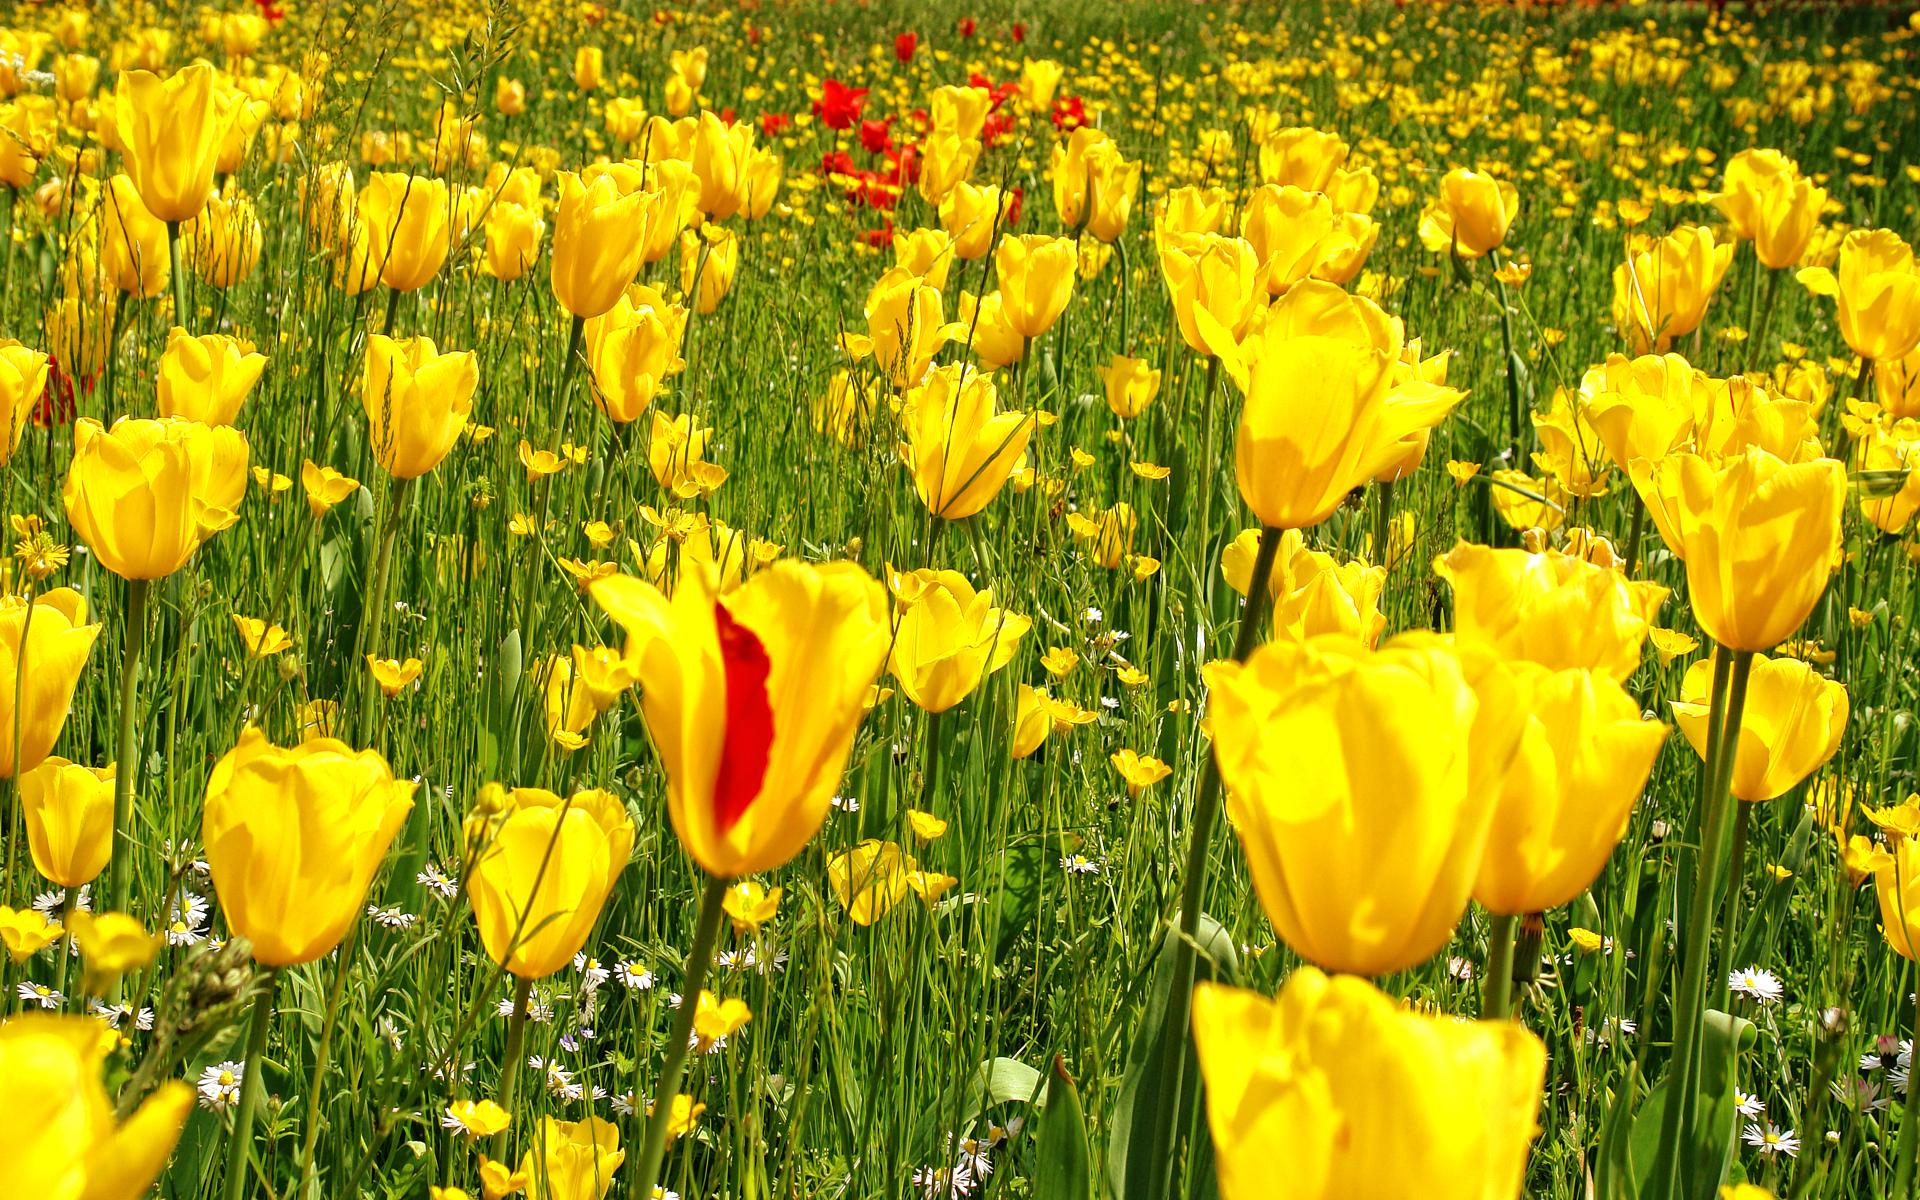 сложное переплетение полевые желтые тюльпаны фото действительности если увлечены